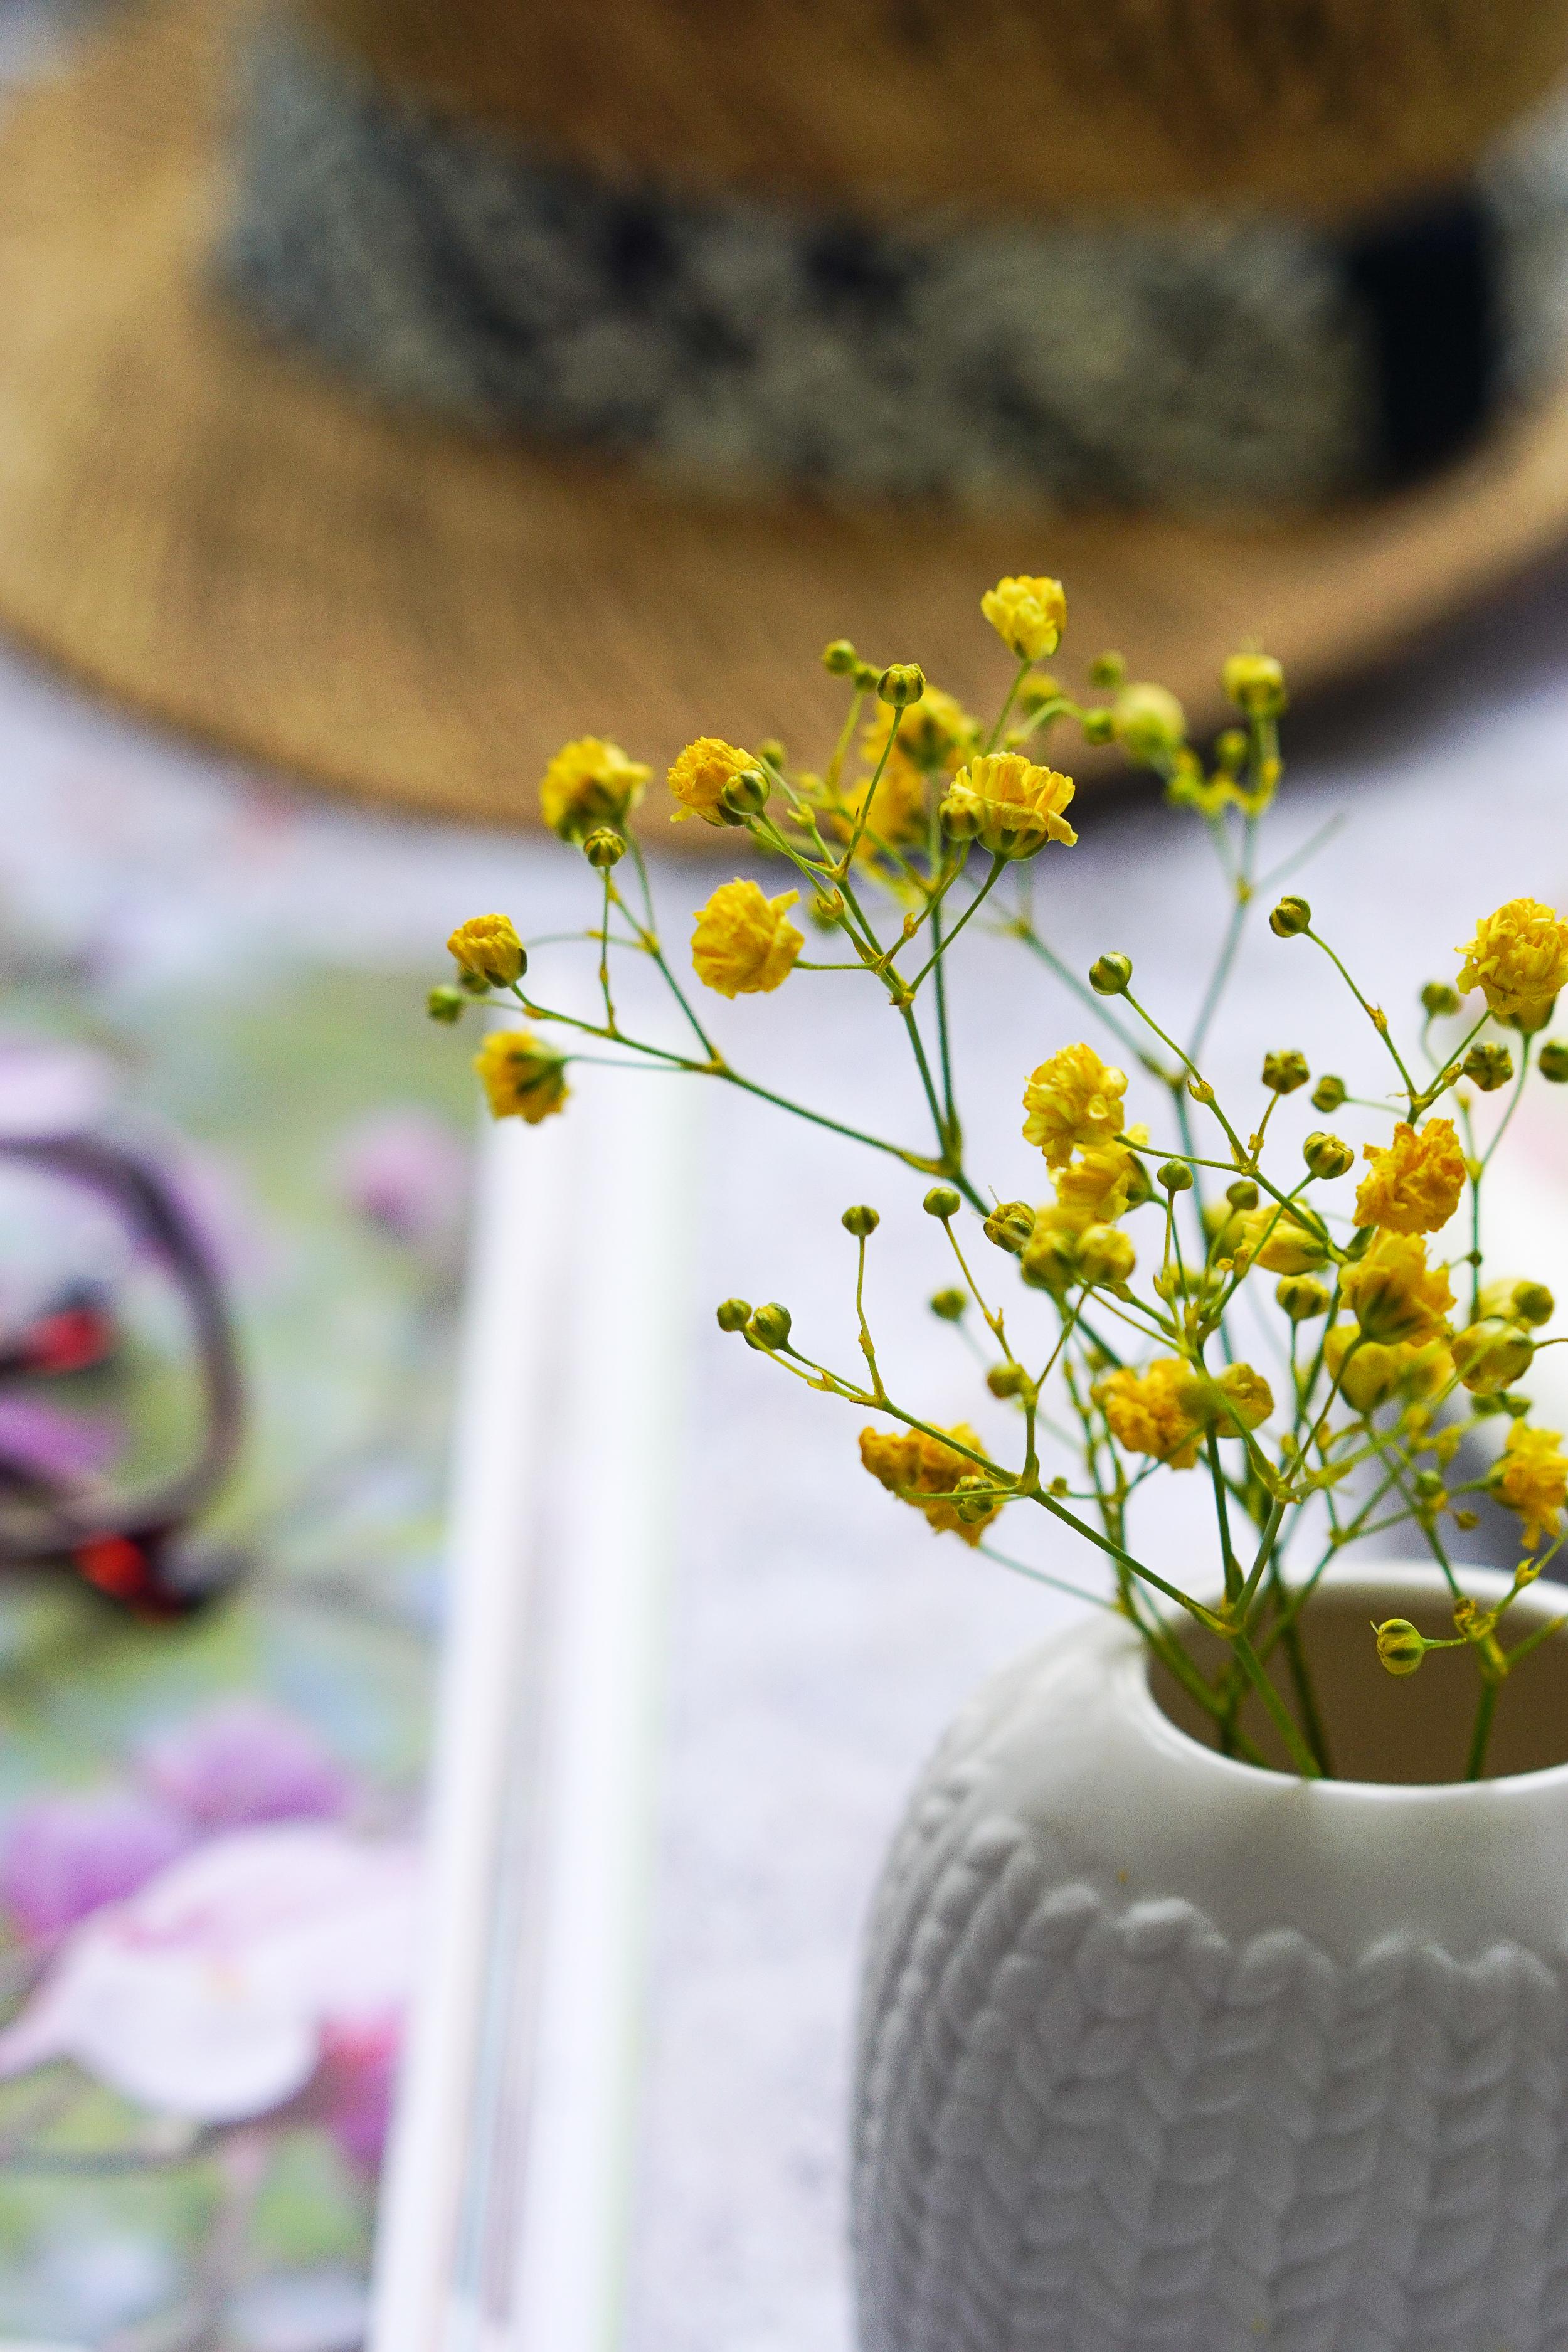 Gardening books for beginners